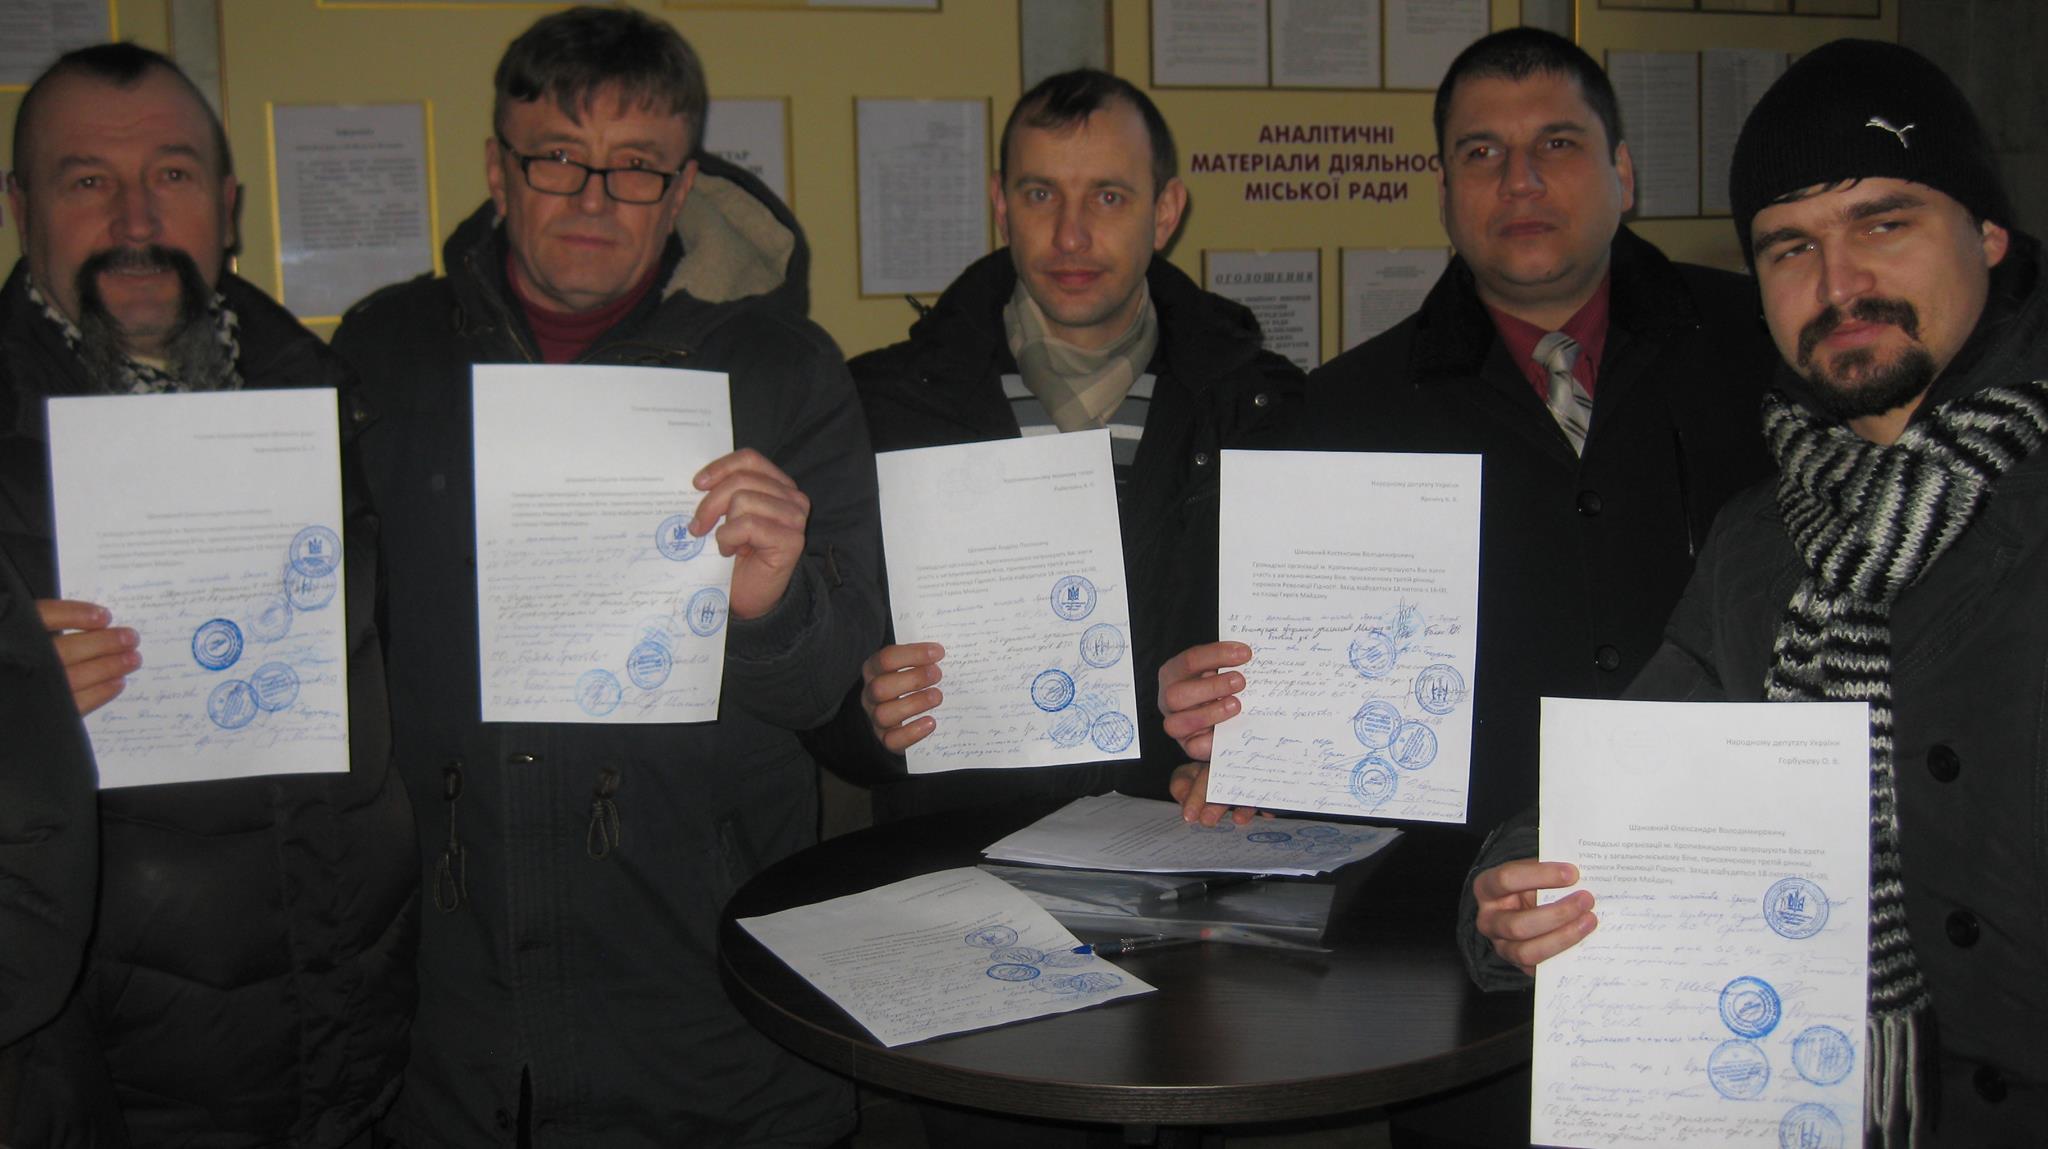 Кропивничани закликали можновладців на Віче та до спільного відзначення третьої річниці Революції Гідності